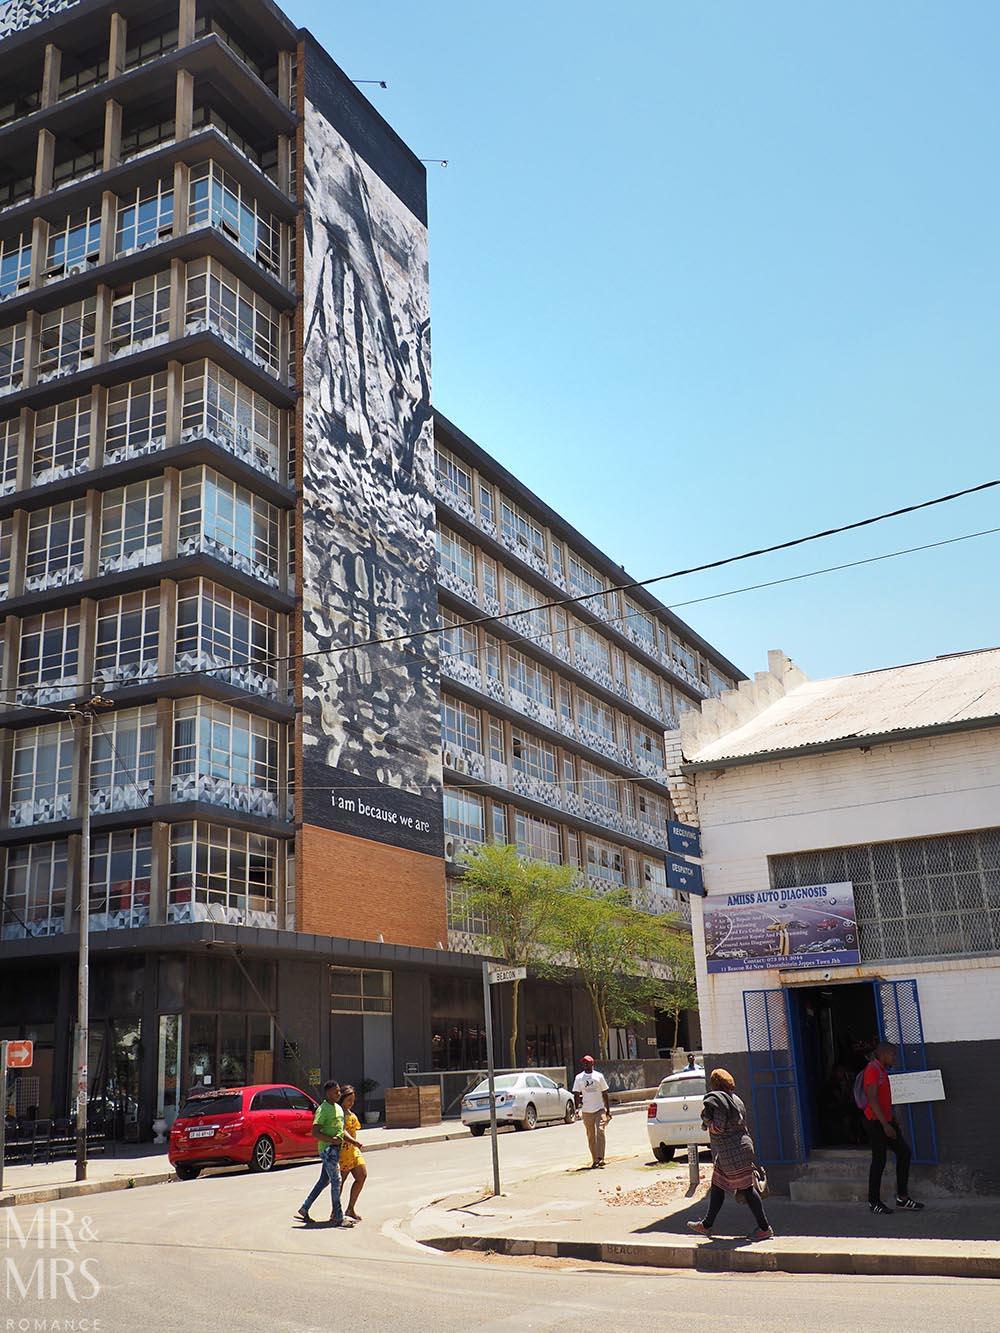 South Africa Tourism - street art tour Maboneng Johannesburg